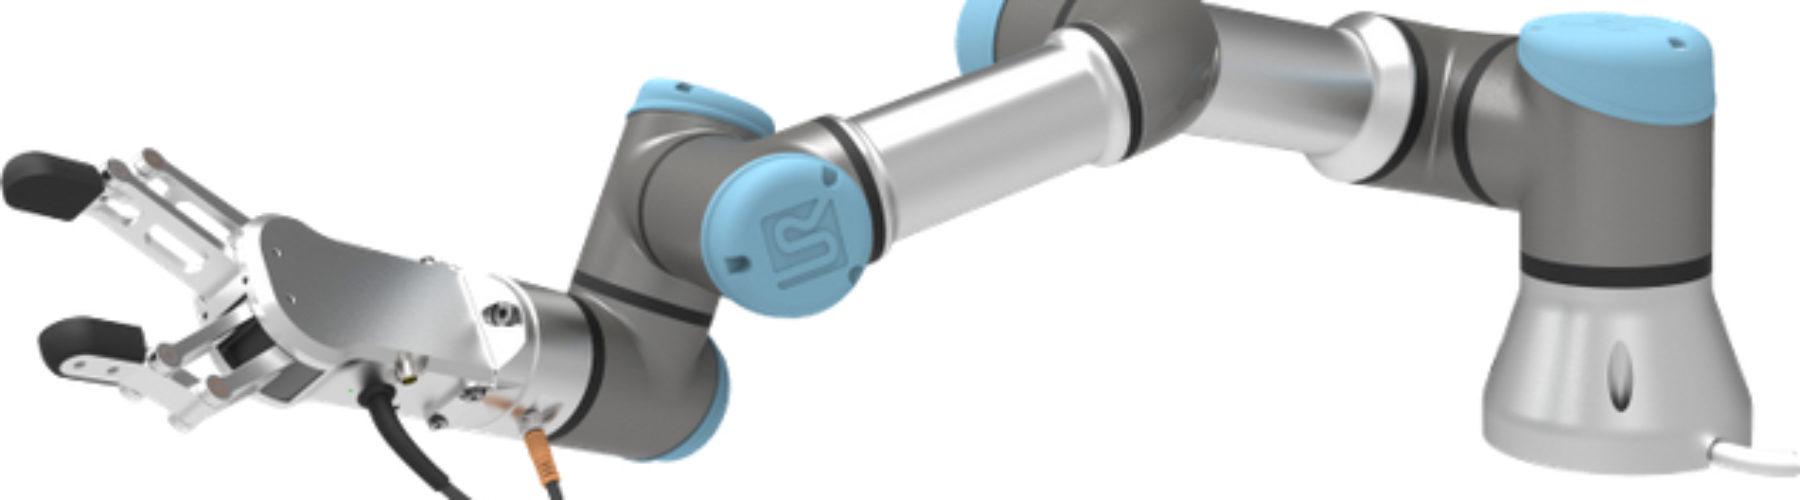 Pinça Industrial OnRobot RG2